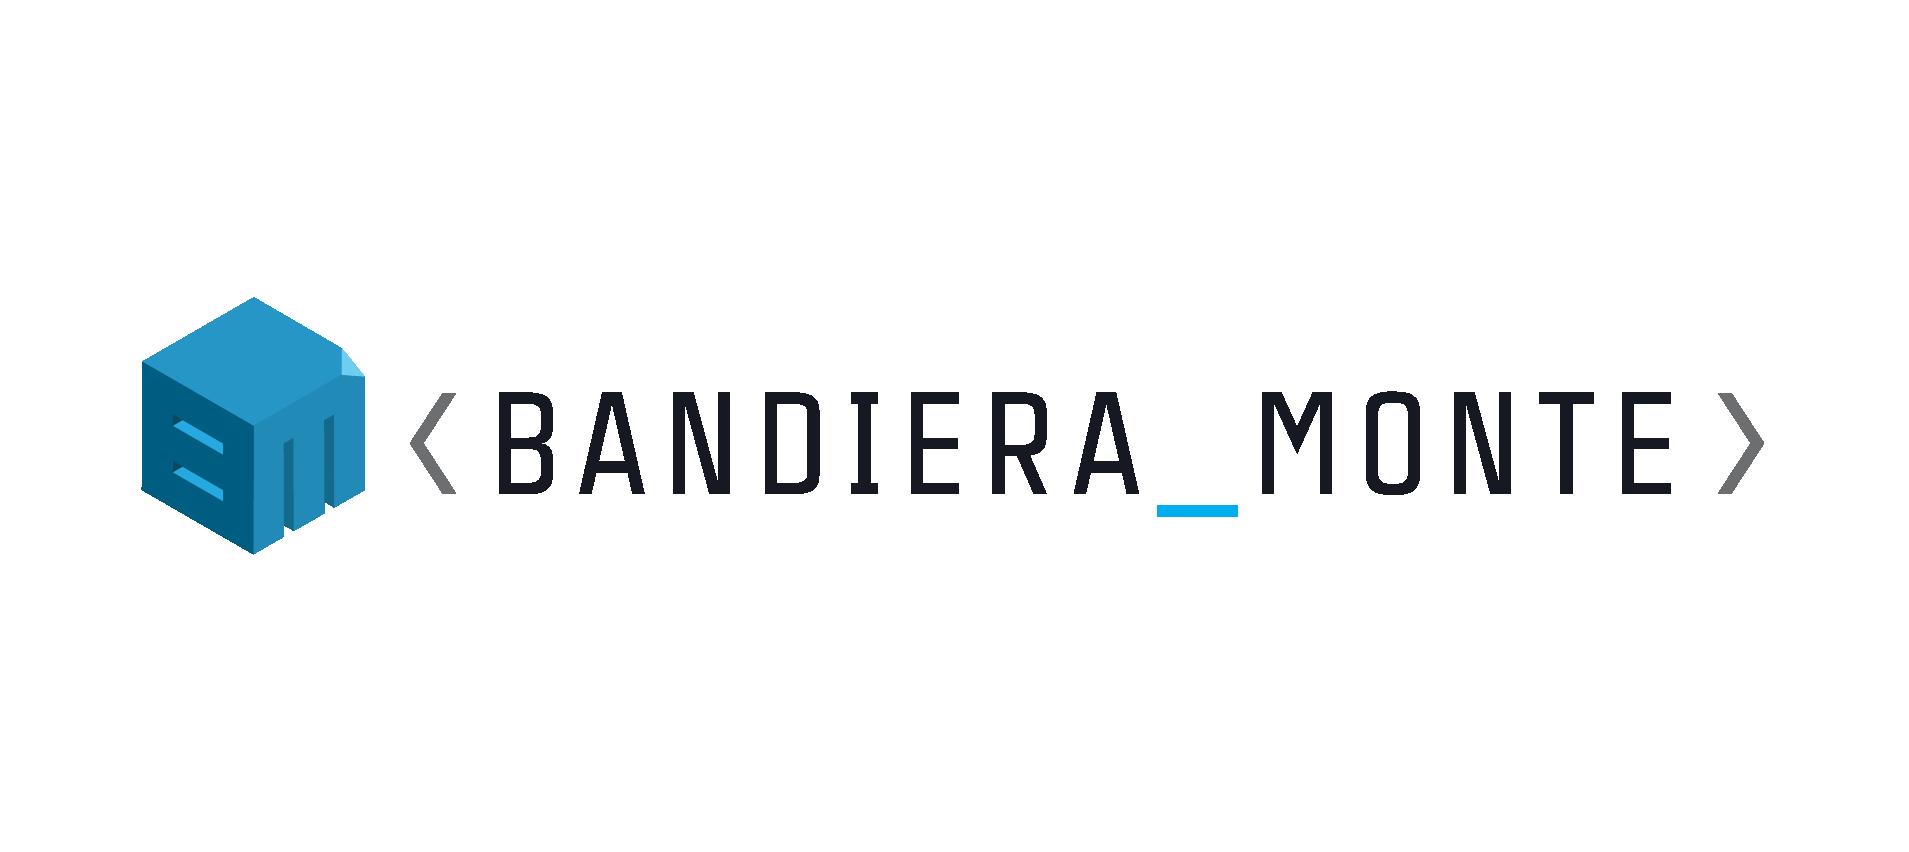 Bandieramonte